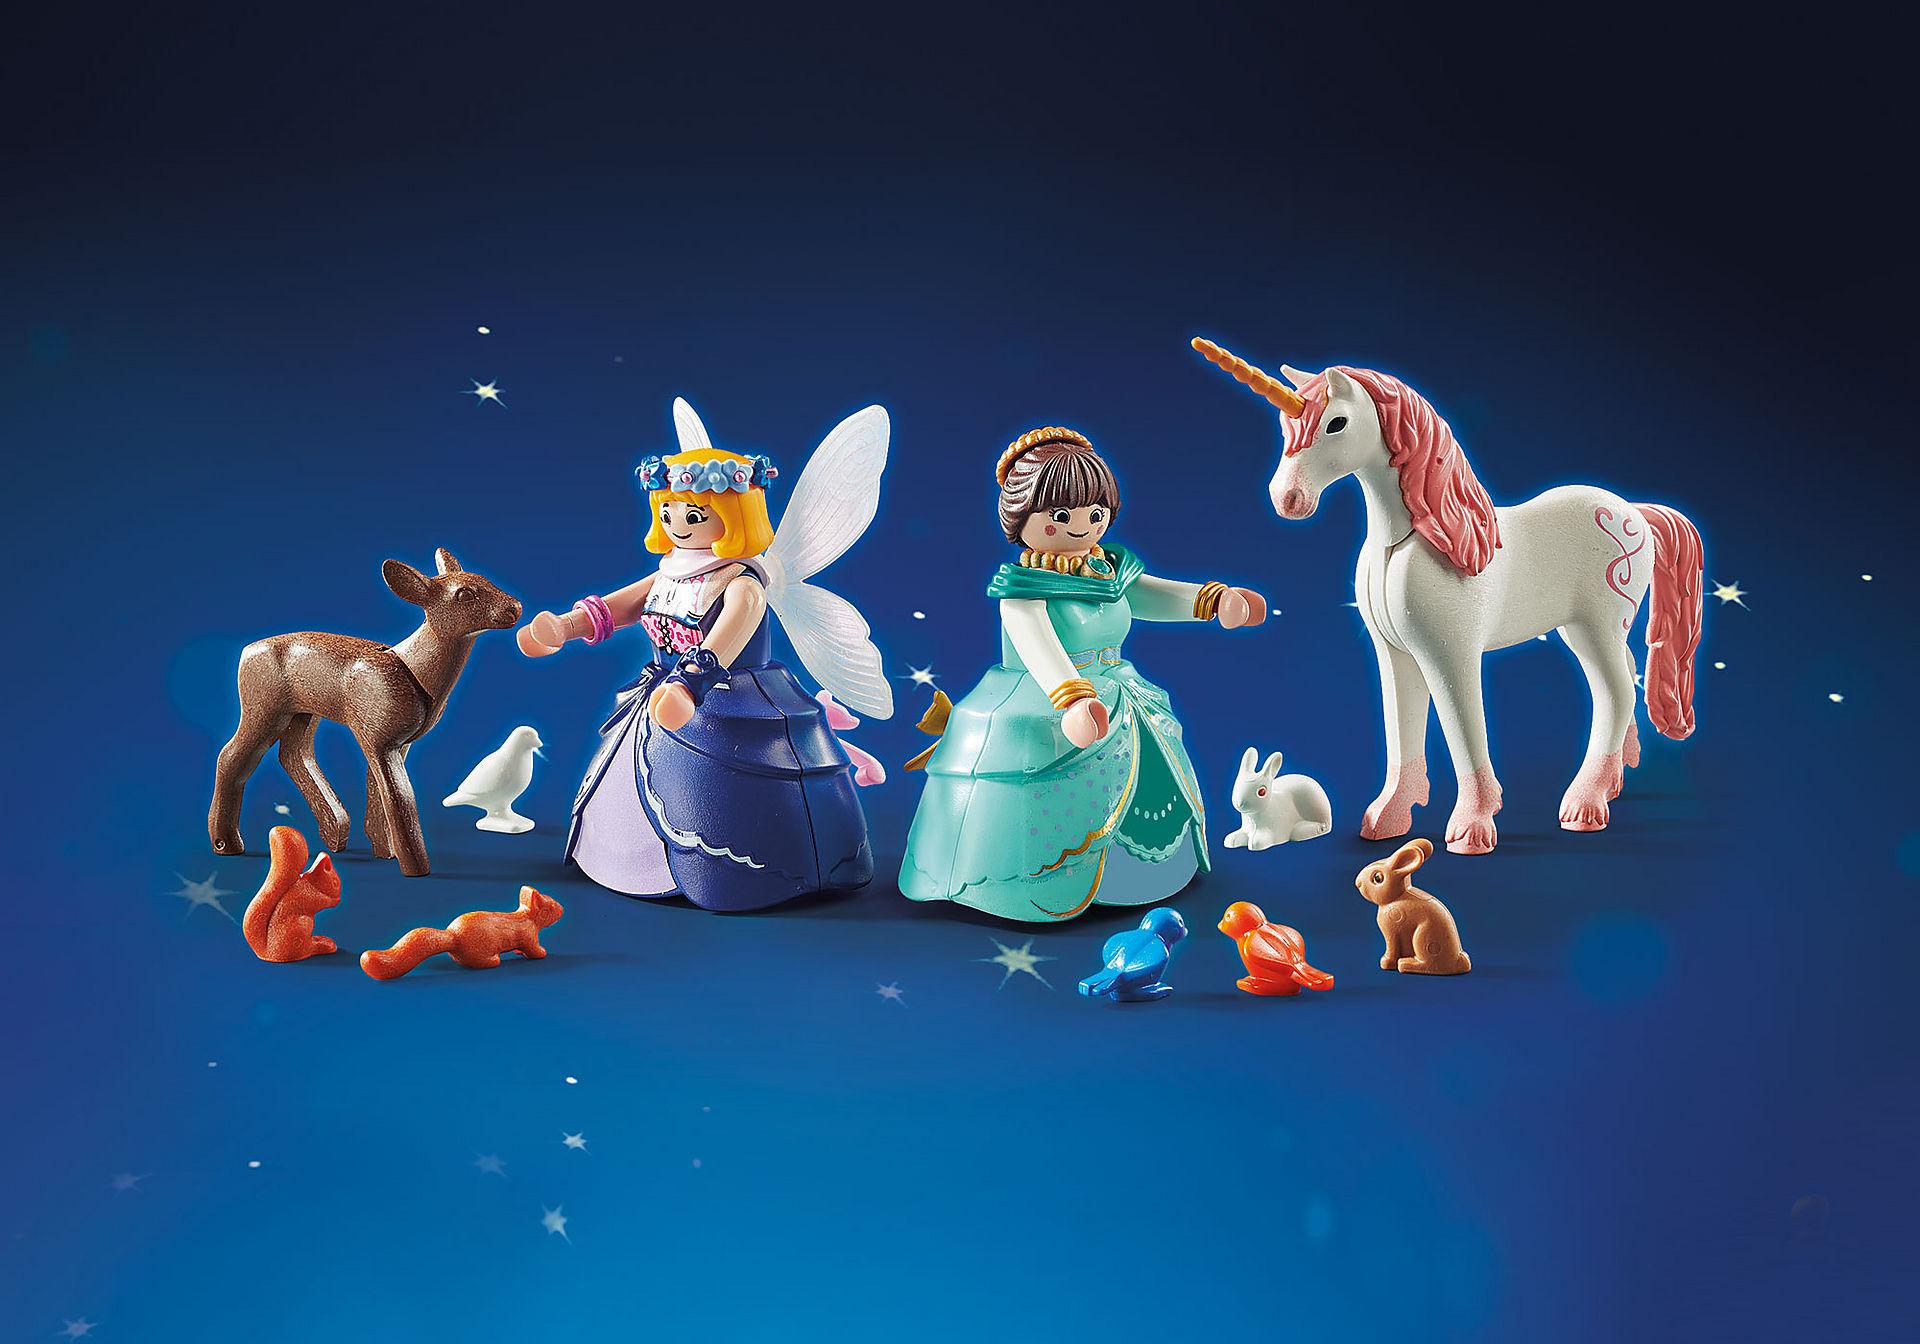 http://media.playmobil.com/i/playmobil/70077_product_extra1/PLAYMOBIL: THE MOVIE Marla en el Palacio Cuento de Hadas